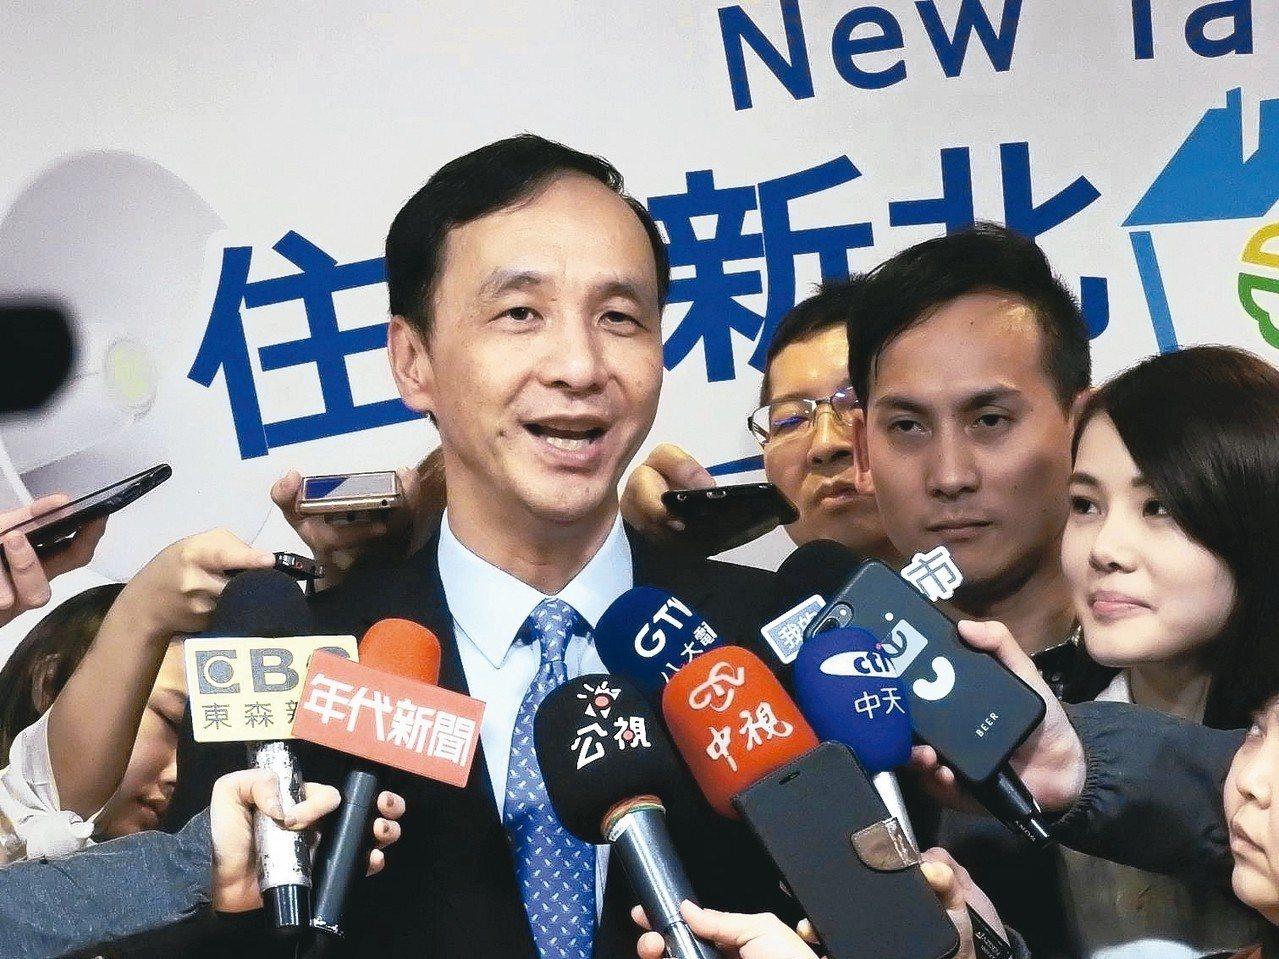 新北市長朱立倫今起率市府團隊訪問江蘇省、上海市,是否可能與更高層級大陸官方代表見...